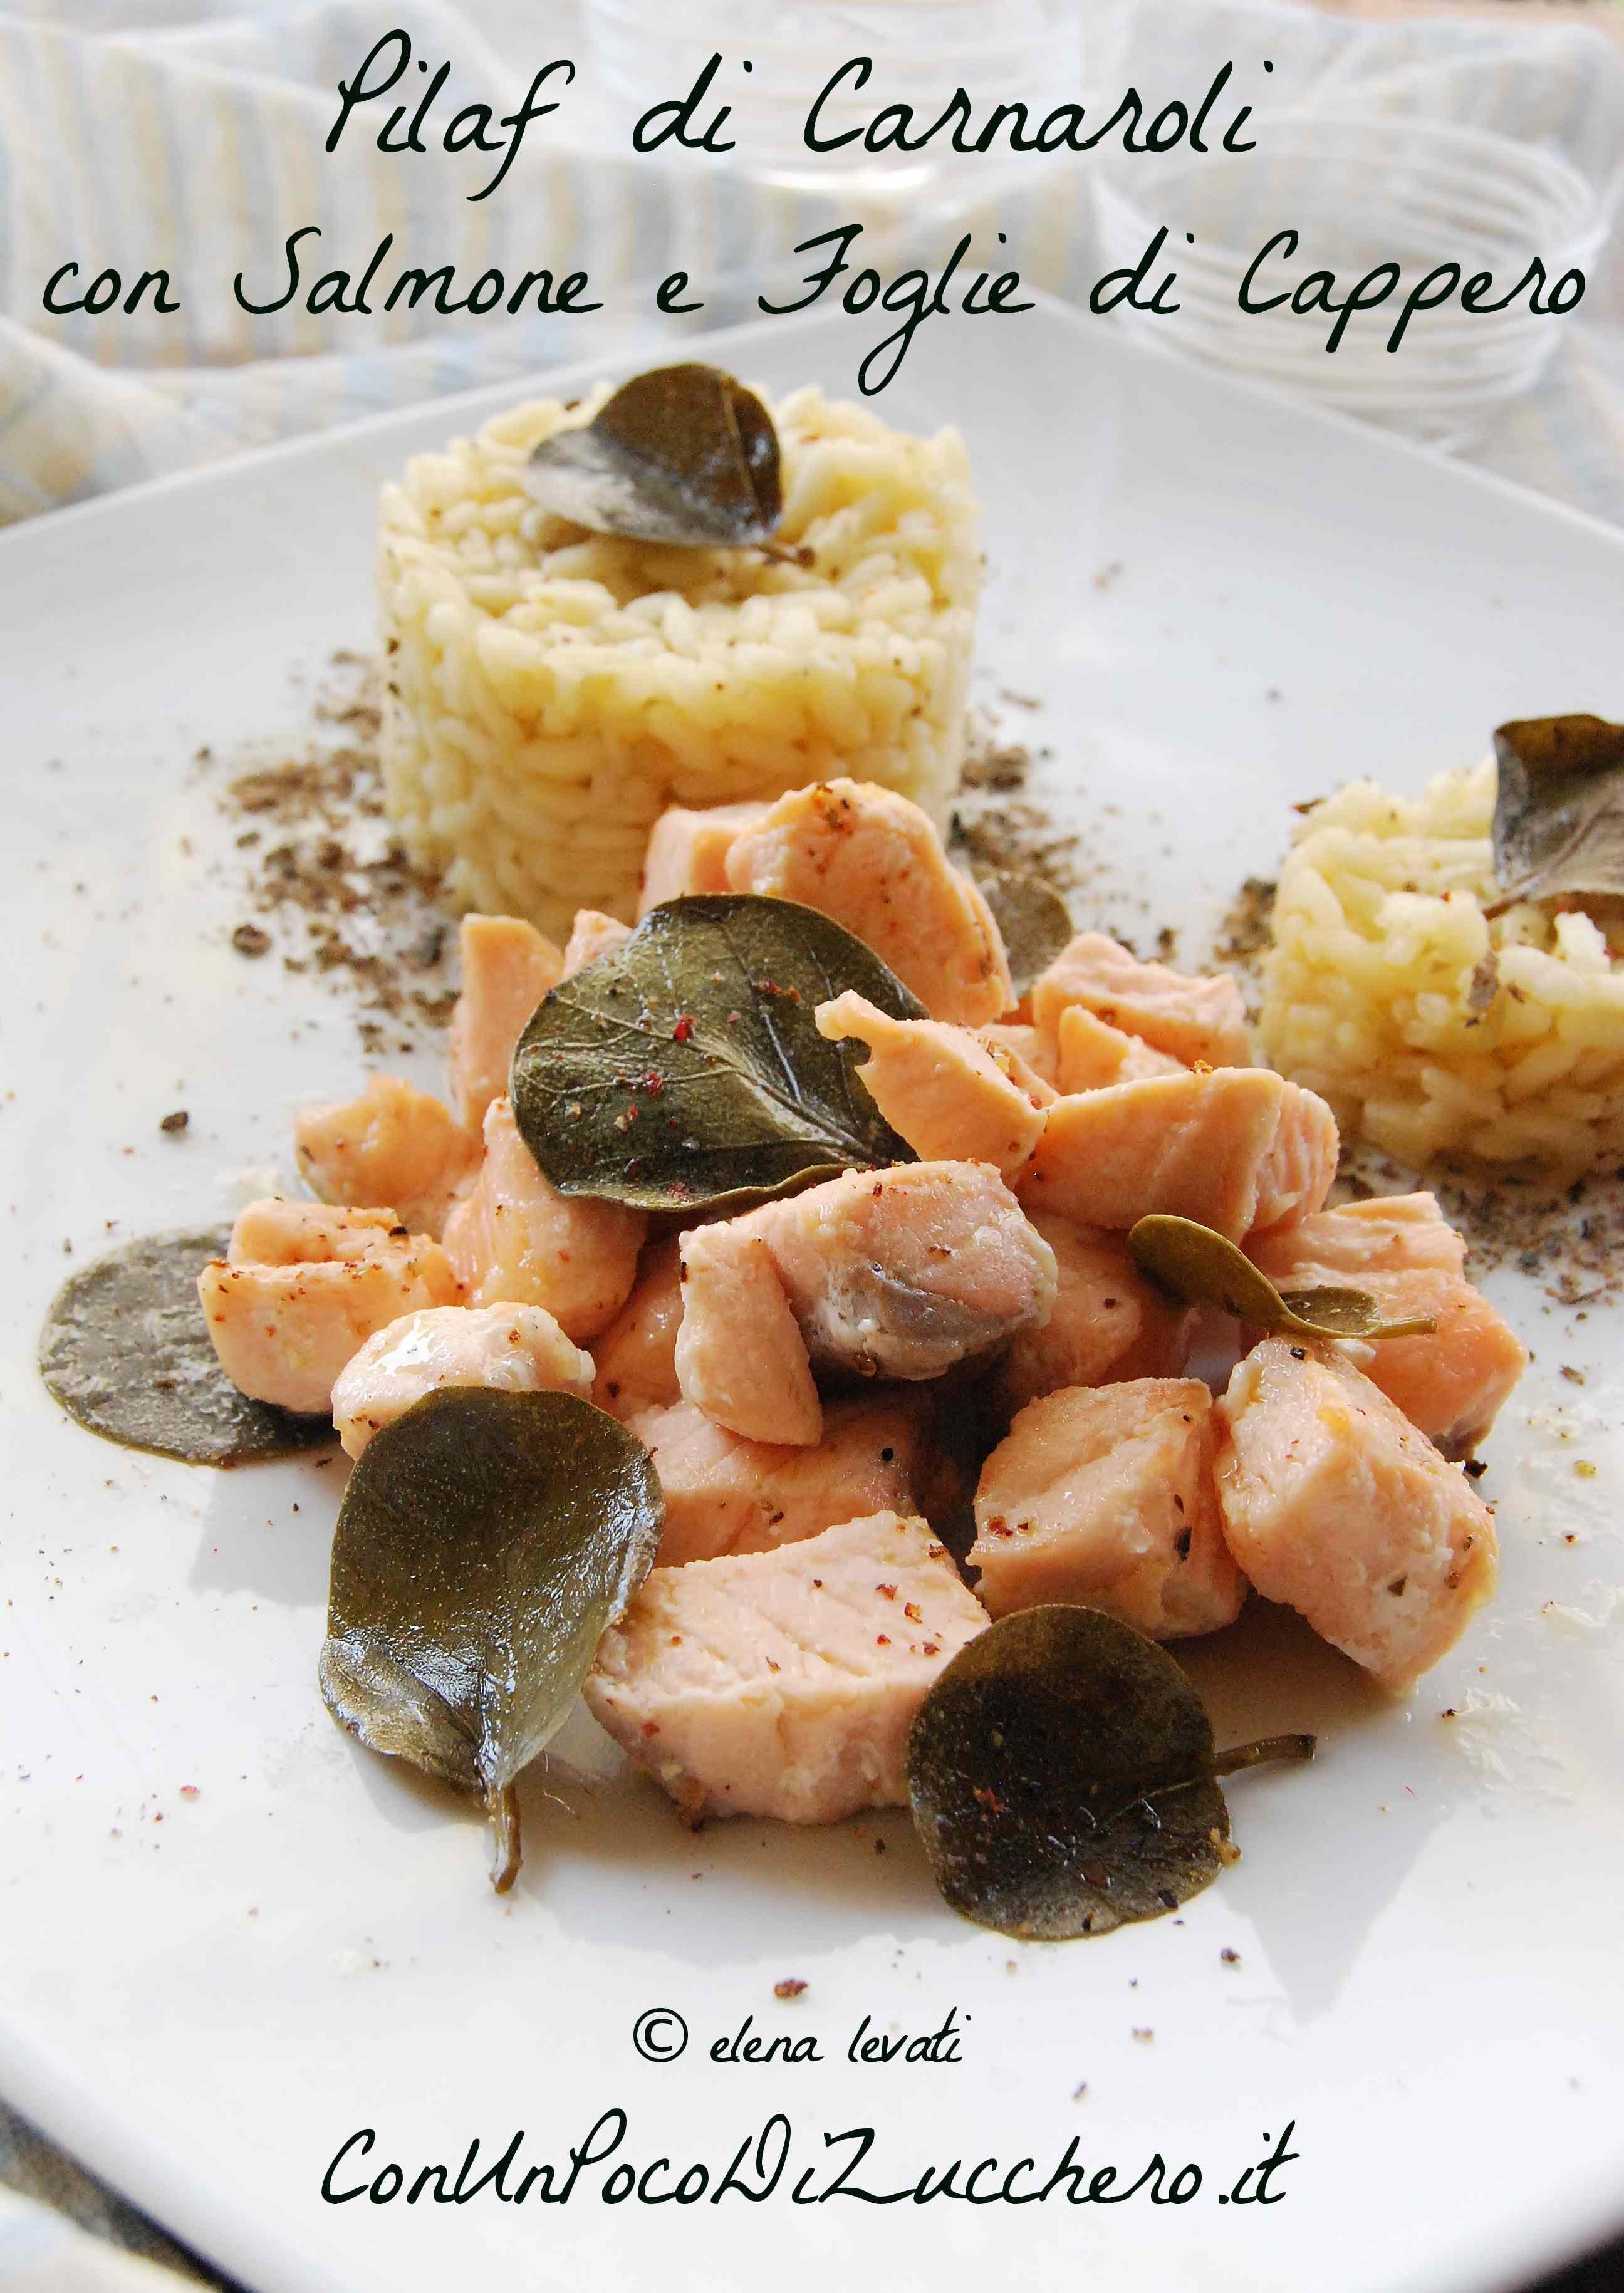 Ricetta: Pilaf di carnaroli con salmone e foglie di cappero